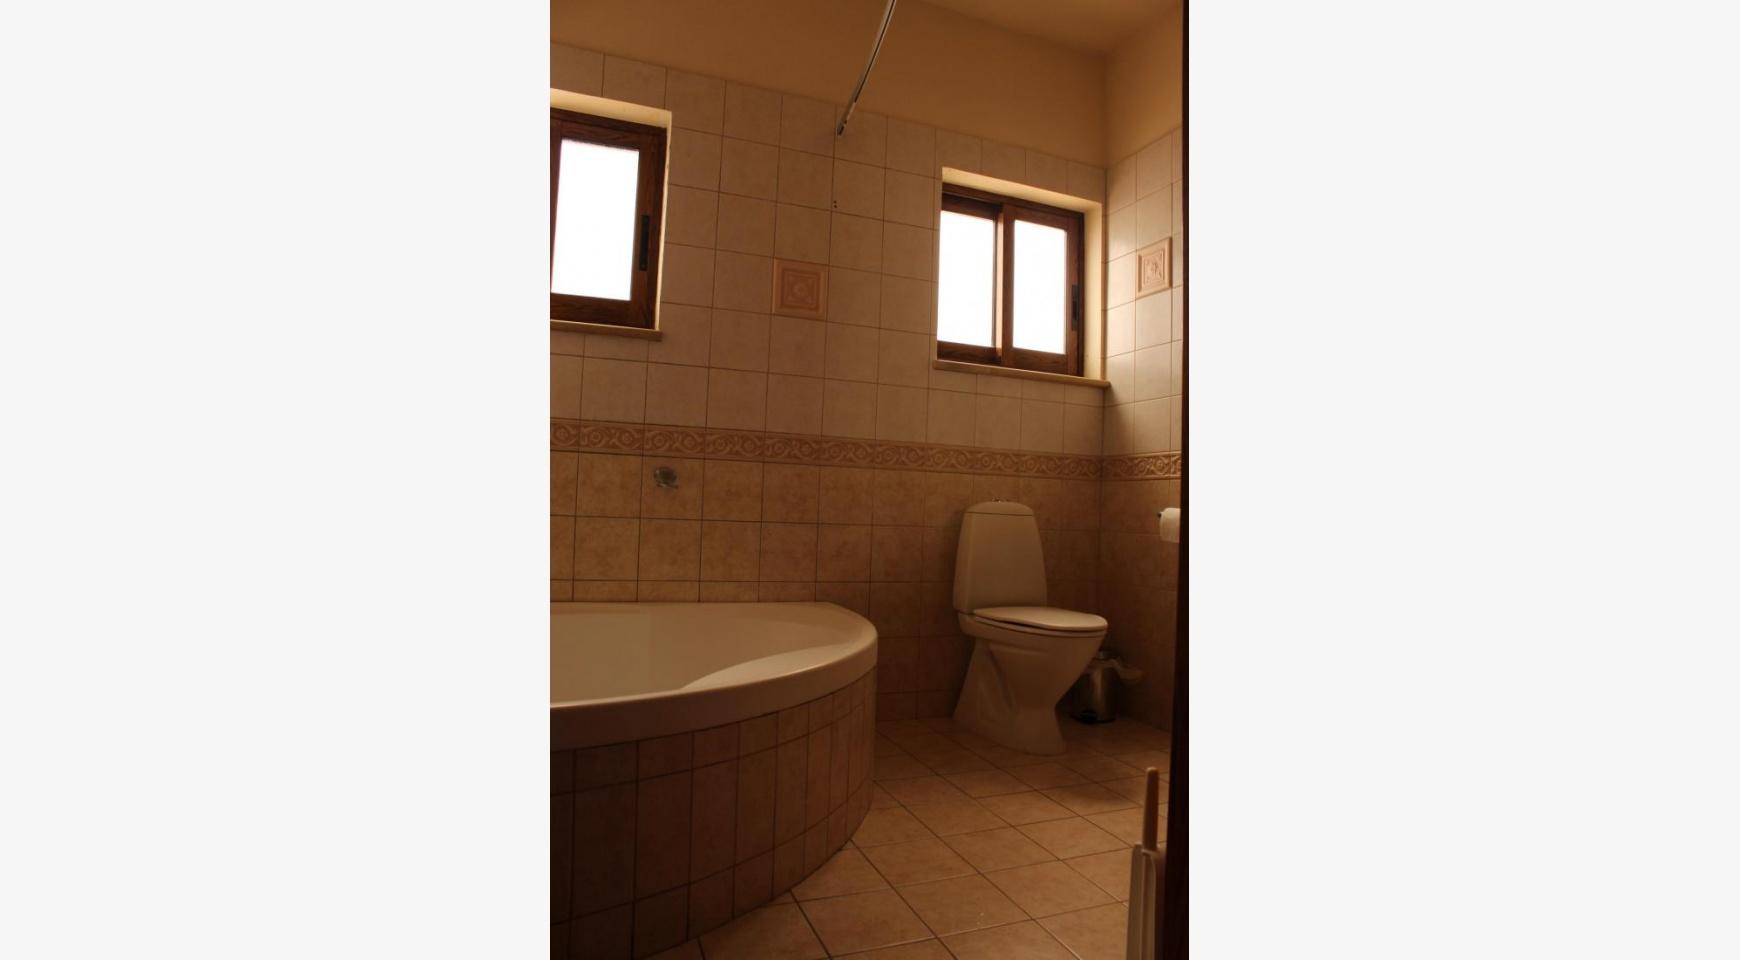 Spacious 5 Bedroom House in Agios Athanasios Area - 11